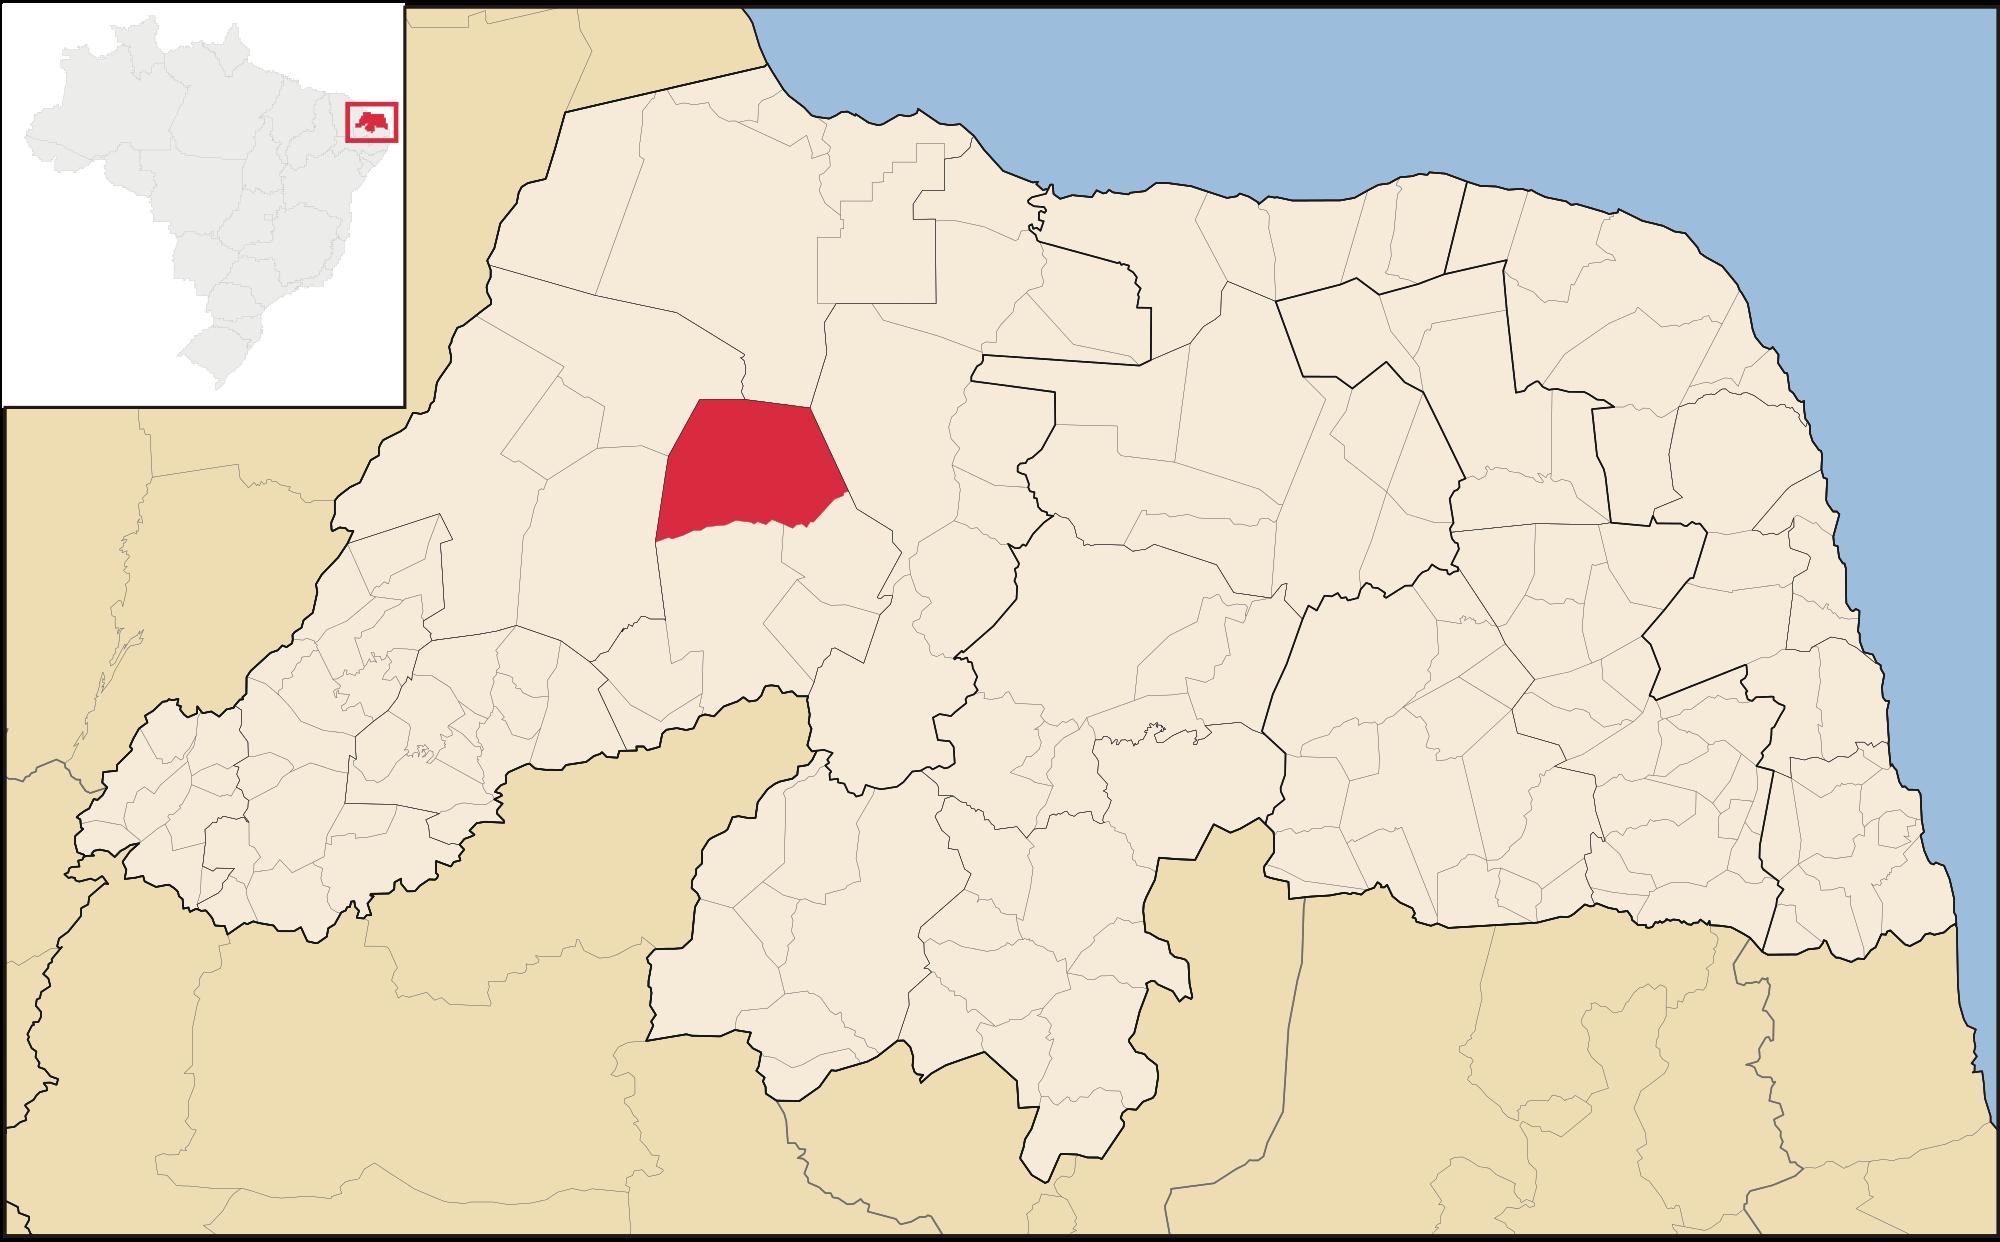 Mapa do Rio Grande Norte. Em destaque, a cidade Upanema